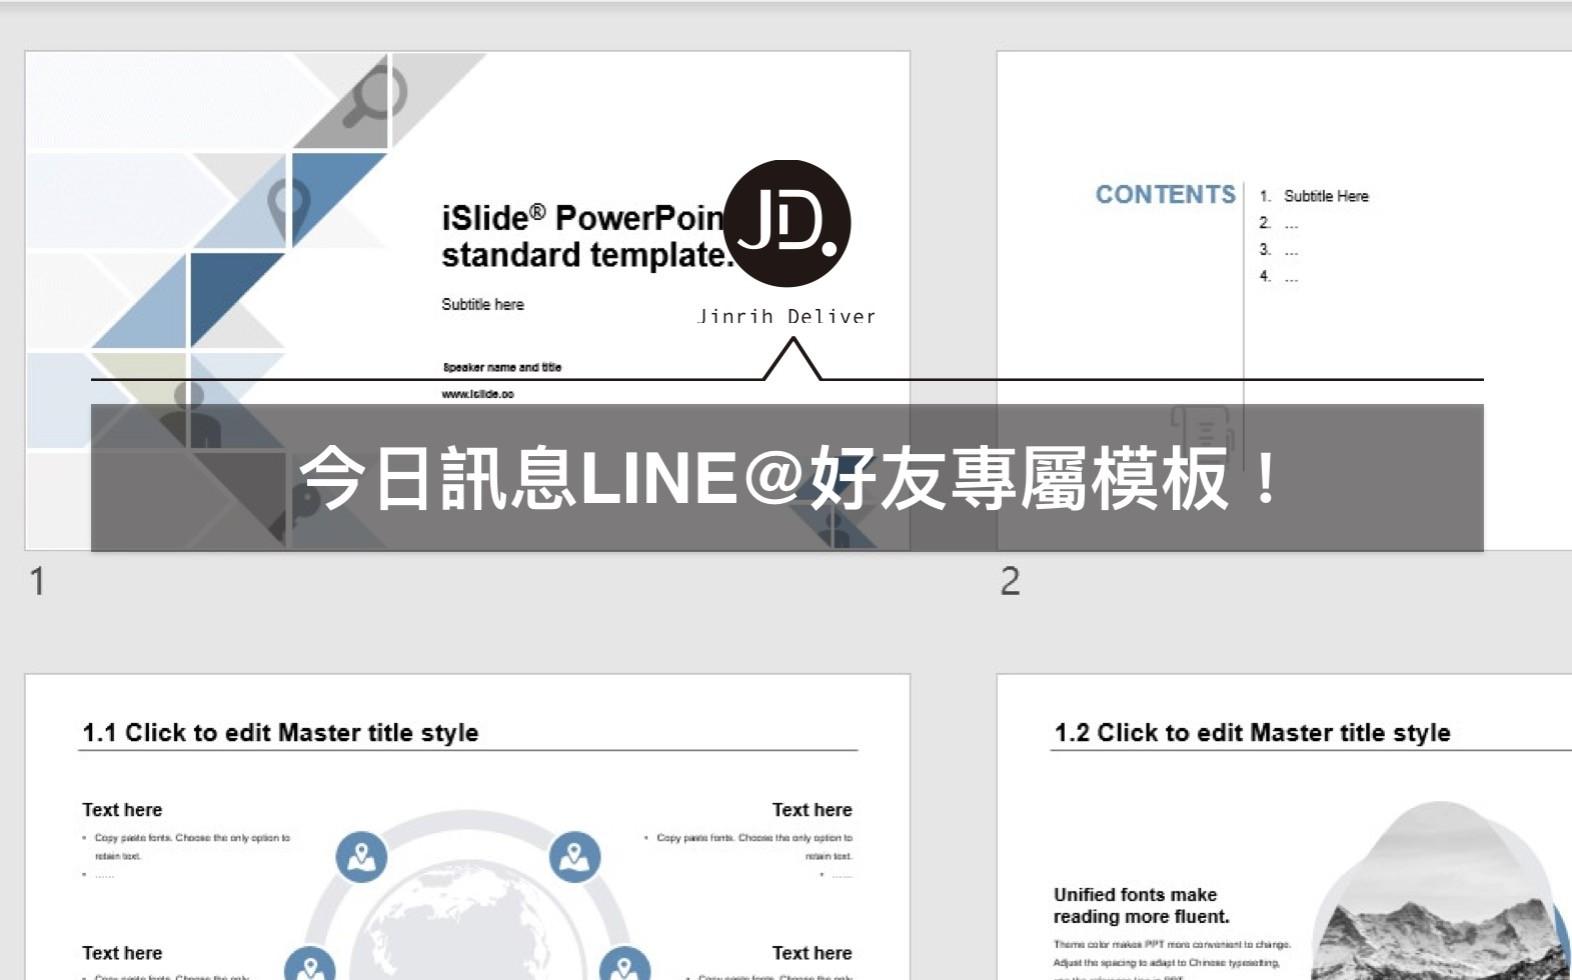 今日訊息LINE@好友專屬模板!